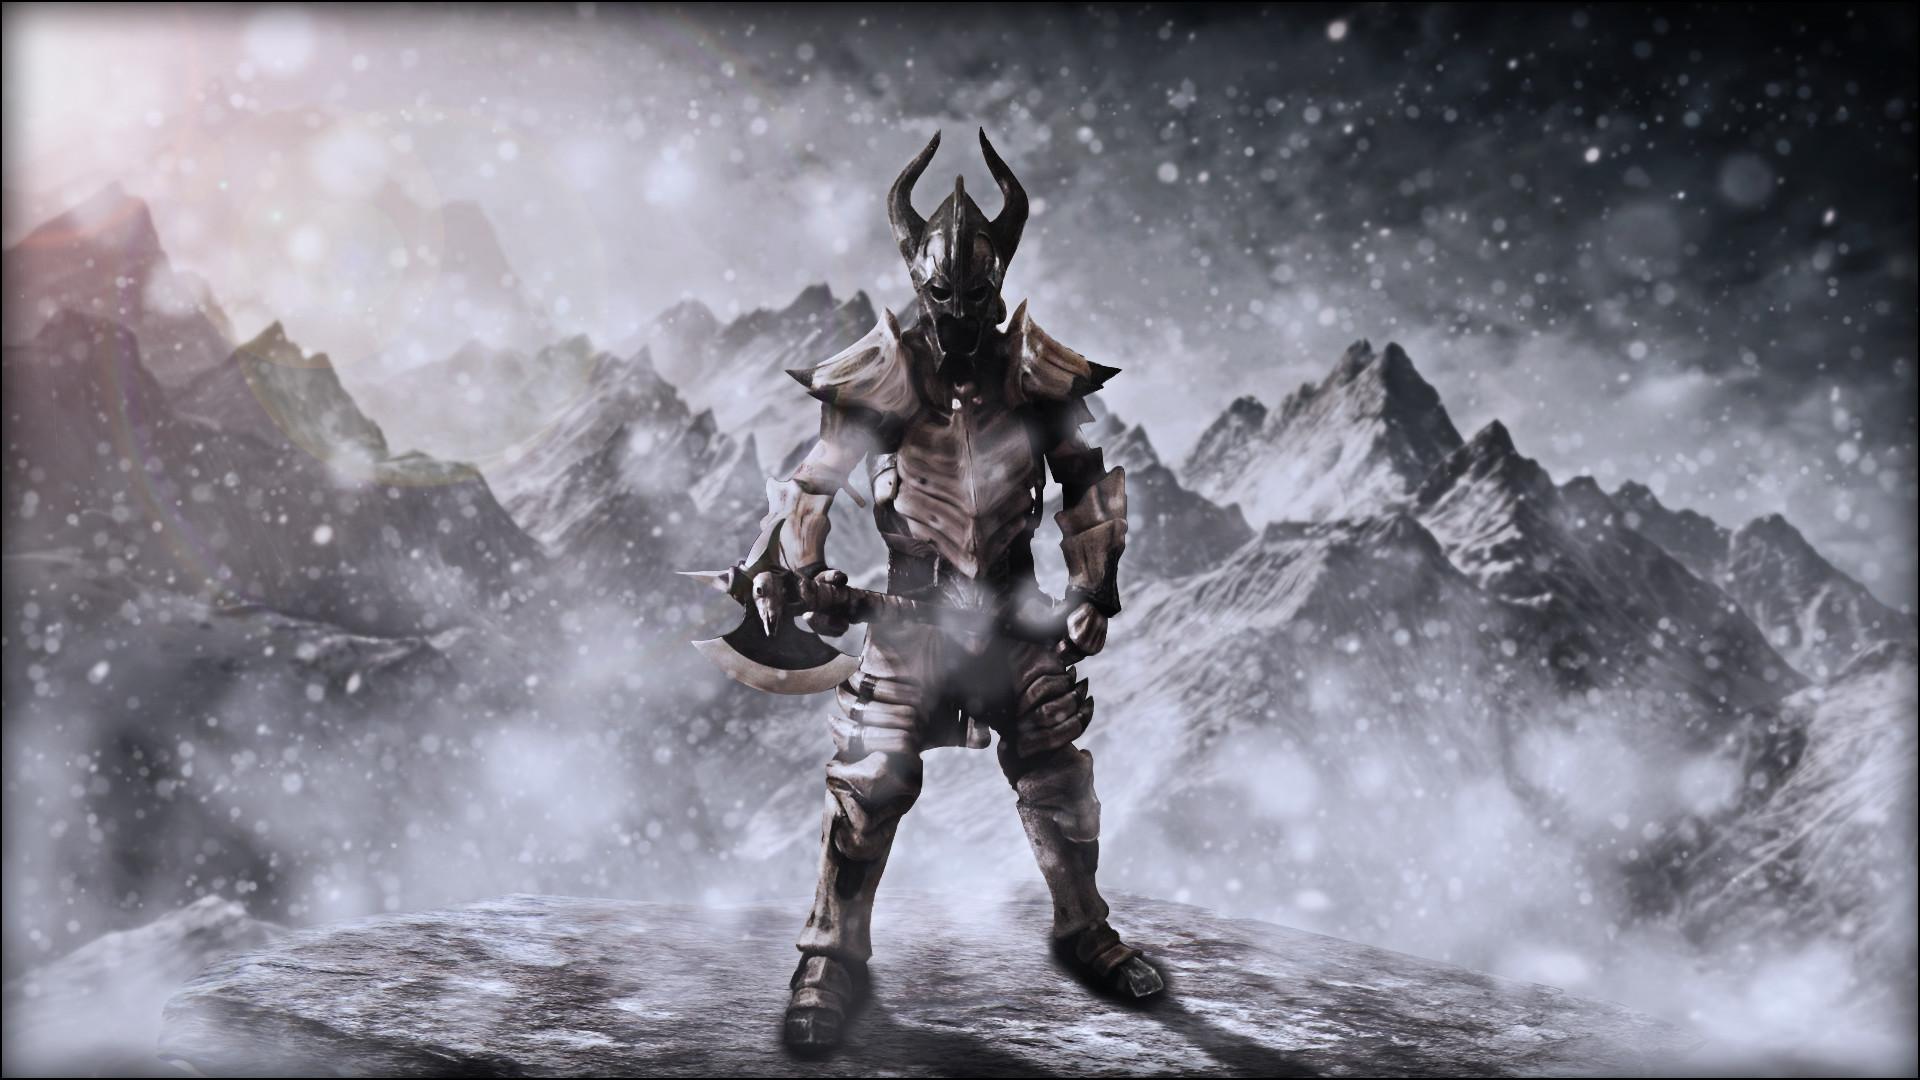 Skyrim Dragonborn Wallpaper (65+ Images